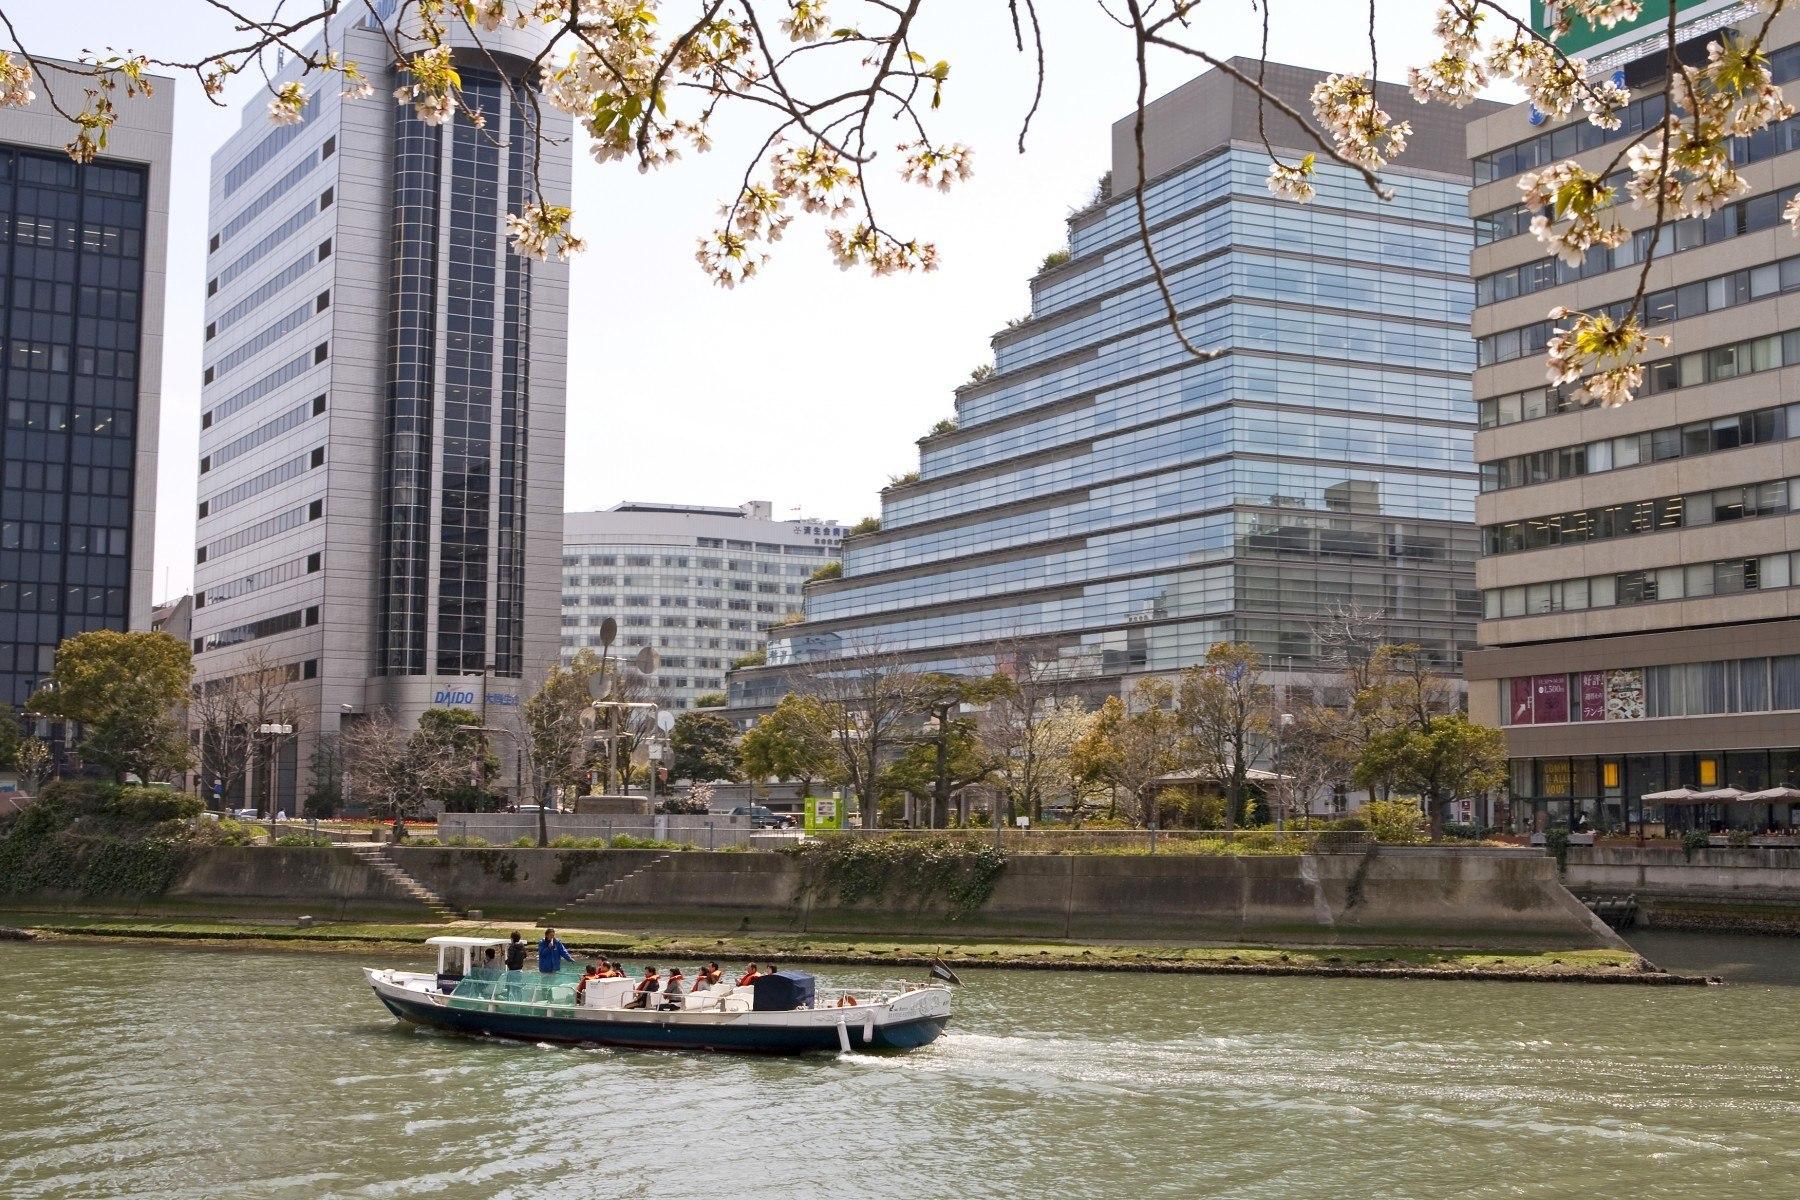 福冈水上巴士(2012)图片